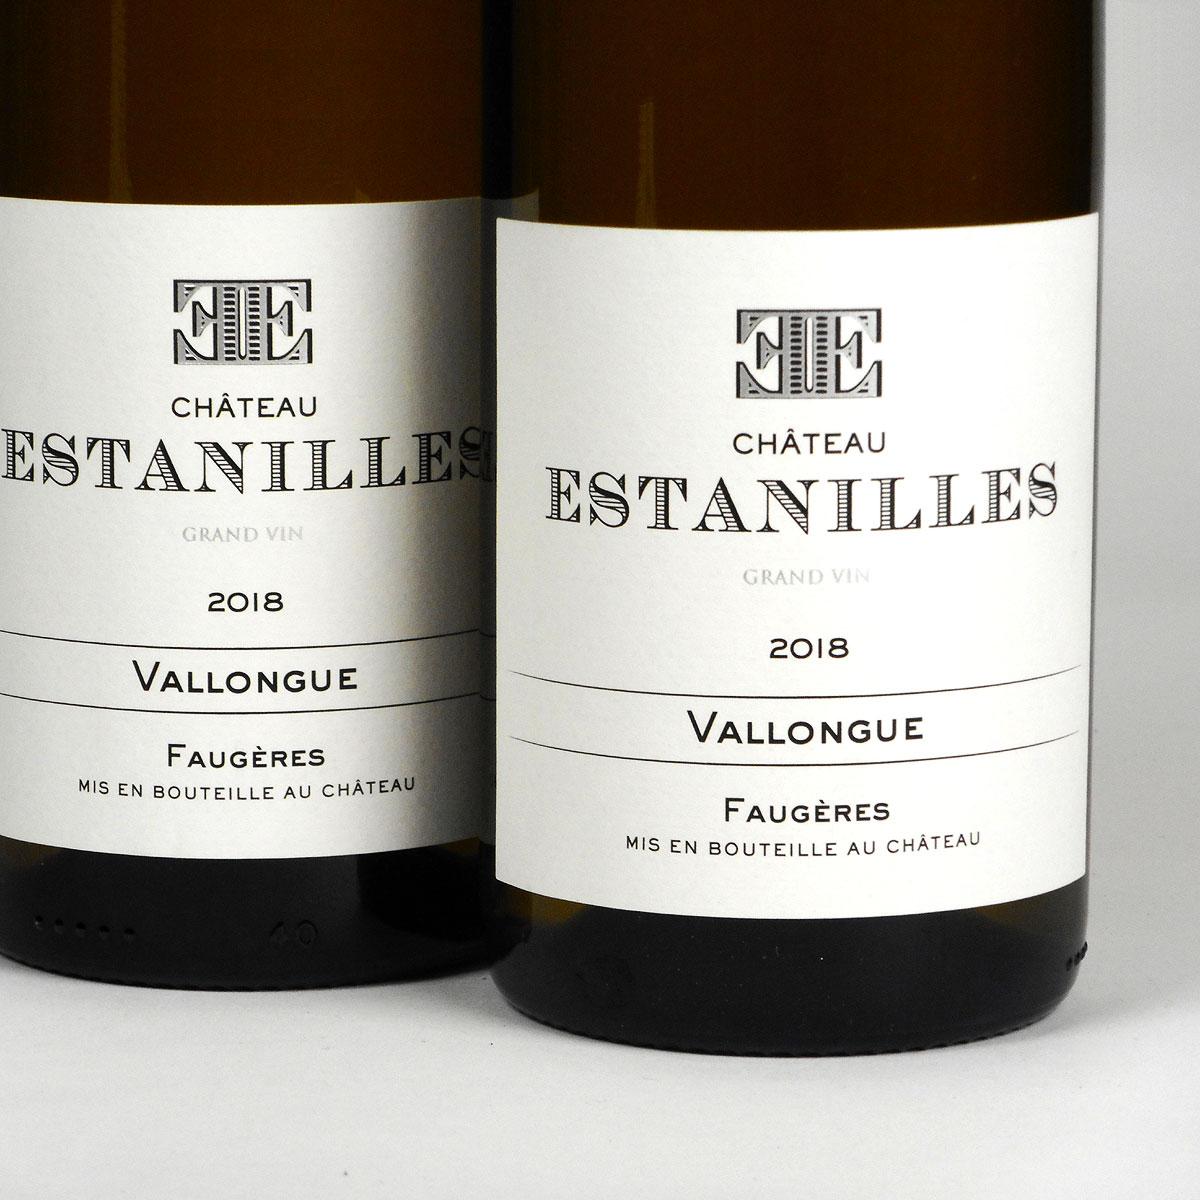 Faugères: Château Estanilles 'Vallongue' Blanc 2018